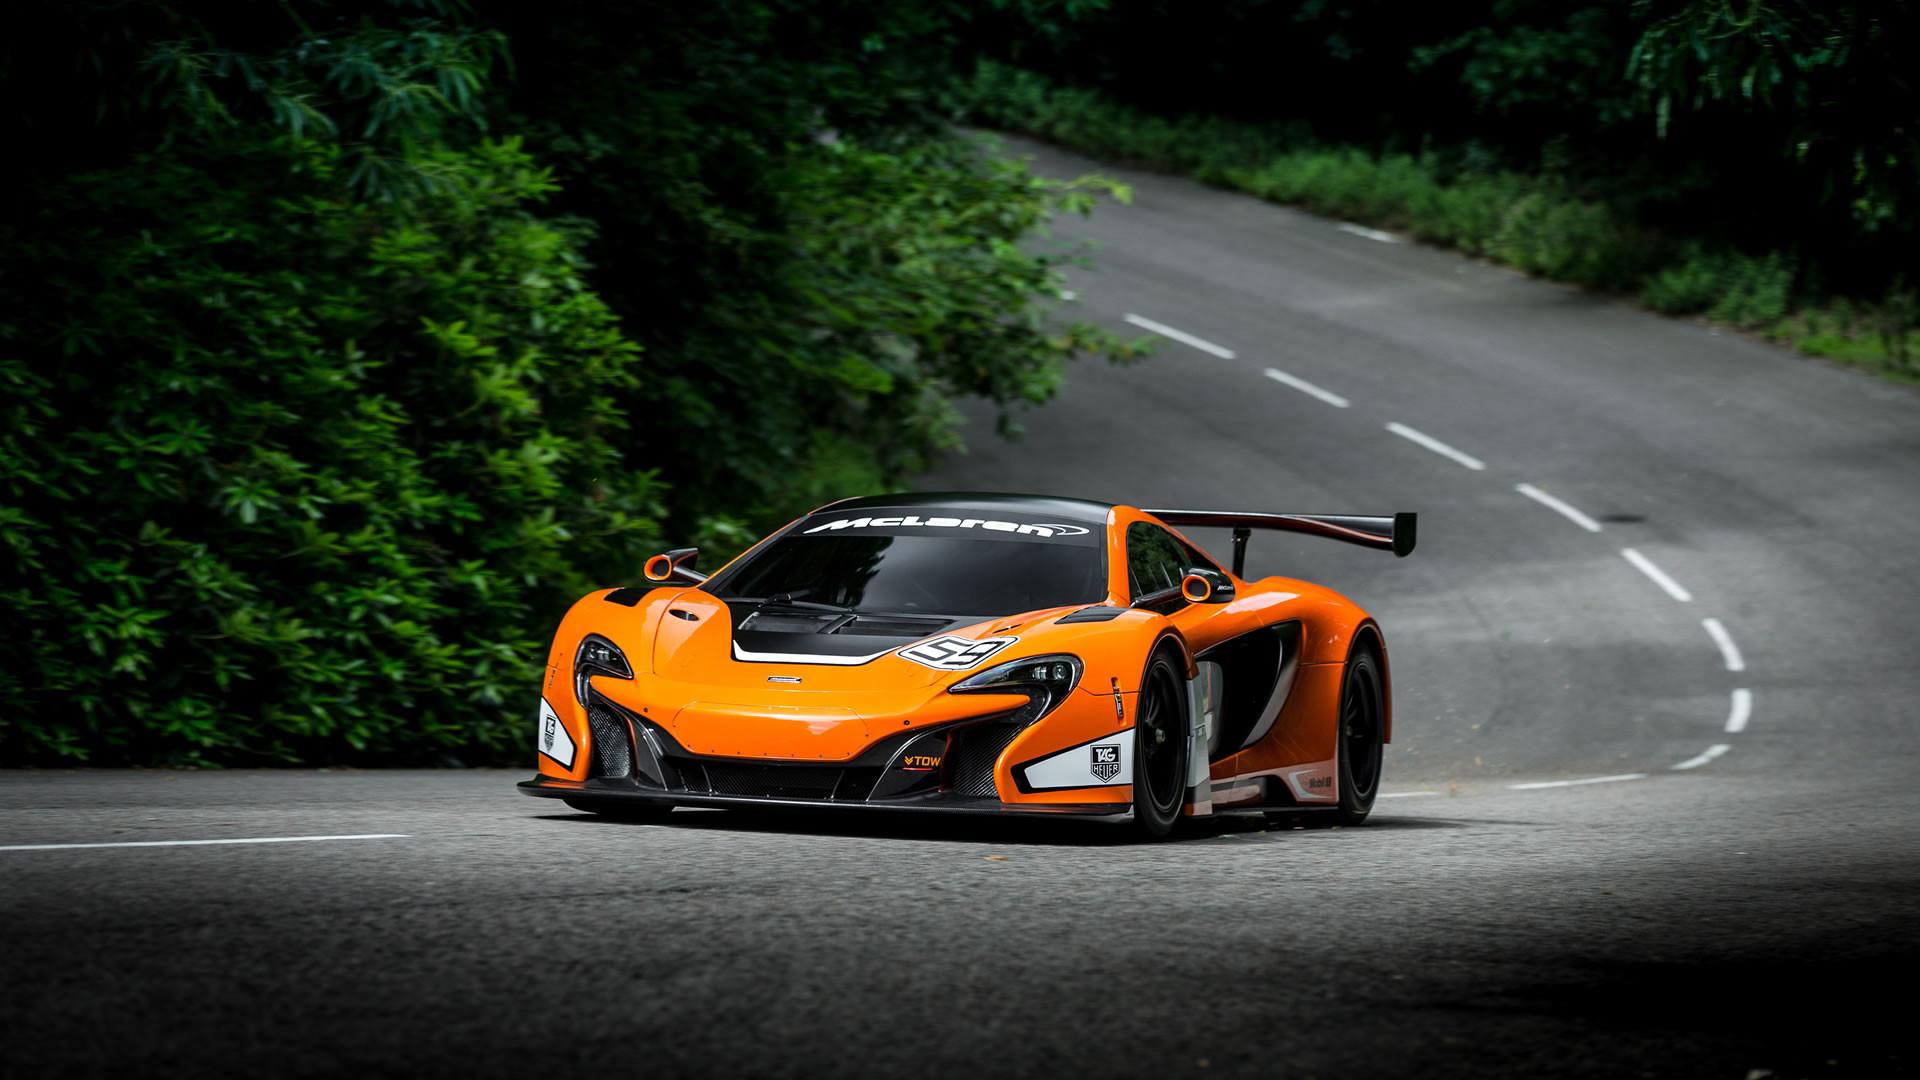 Res: 1920x1080, 2014 McLaren 650S GT3 Race Car Wallpaper - 1920 x 1080